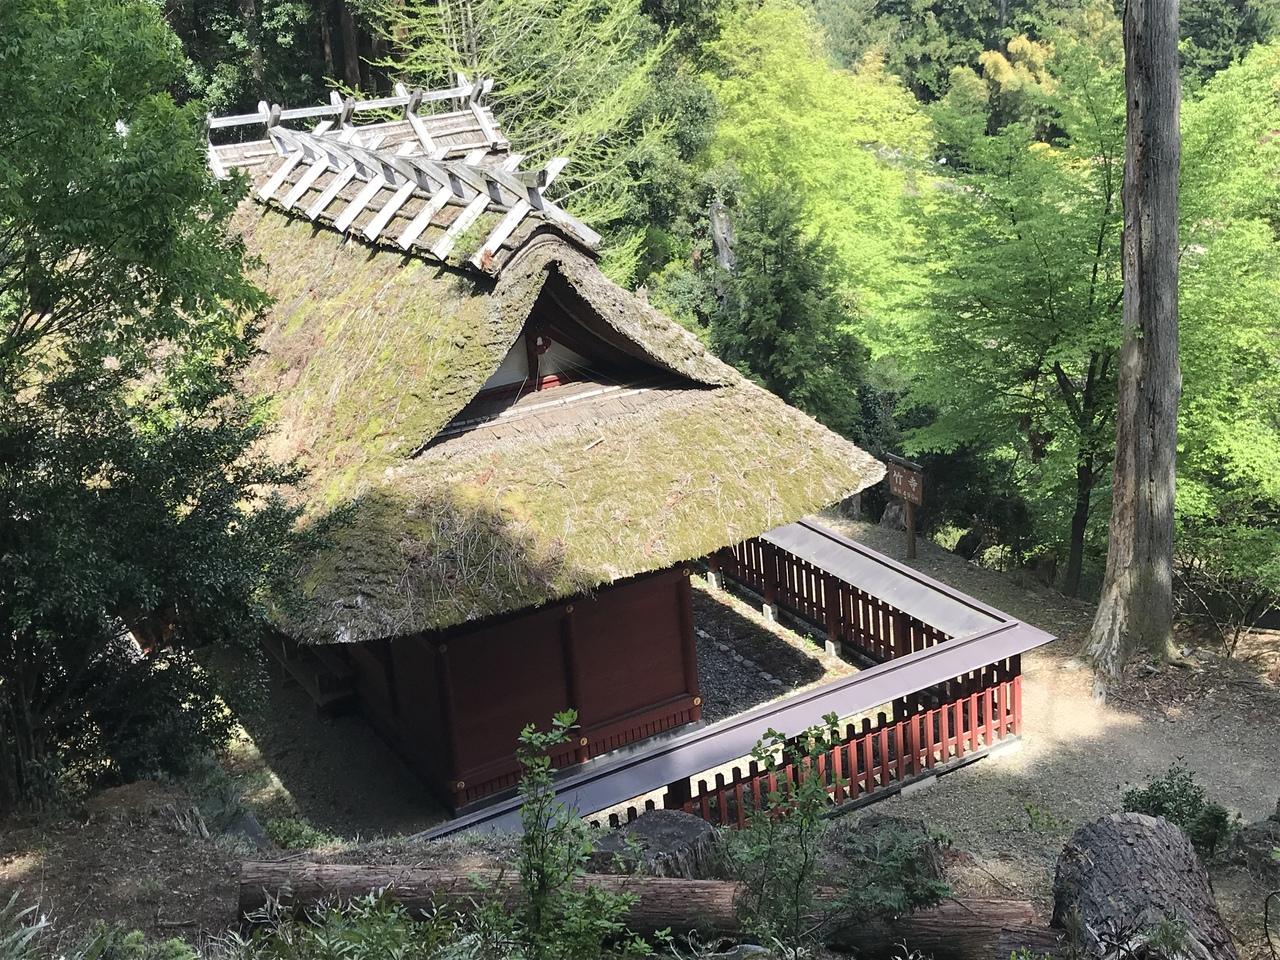 精進料理 - 竹寺の口コミ - トリップアドバイザー